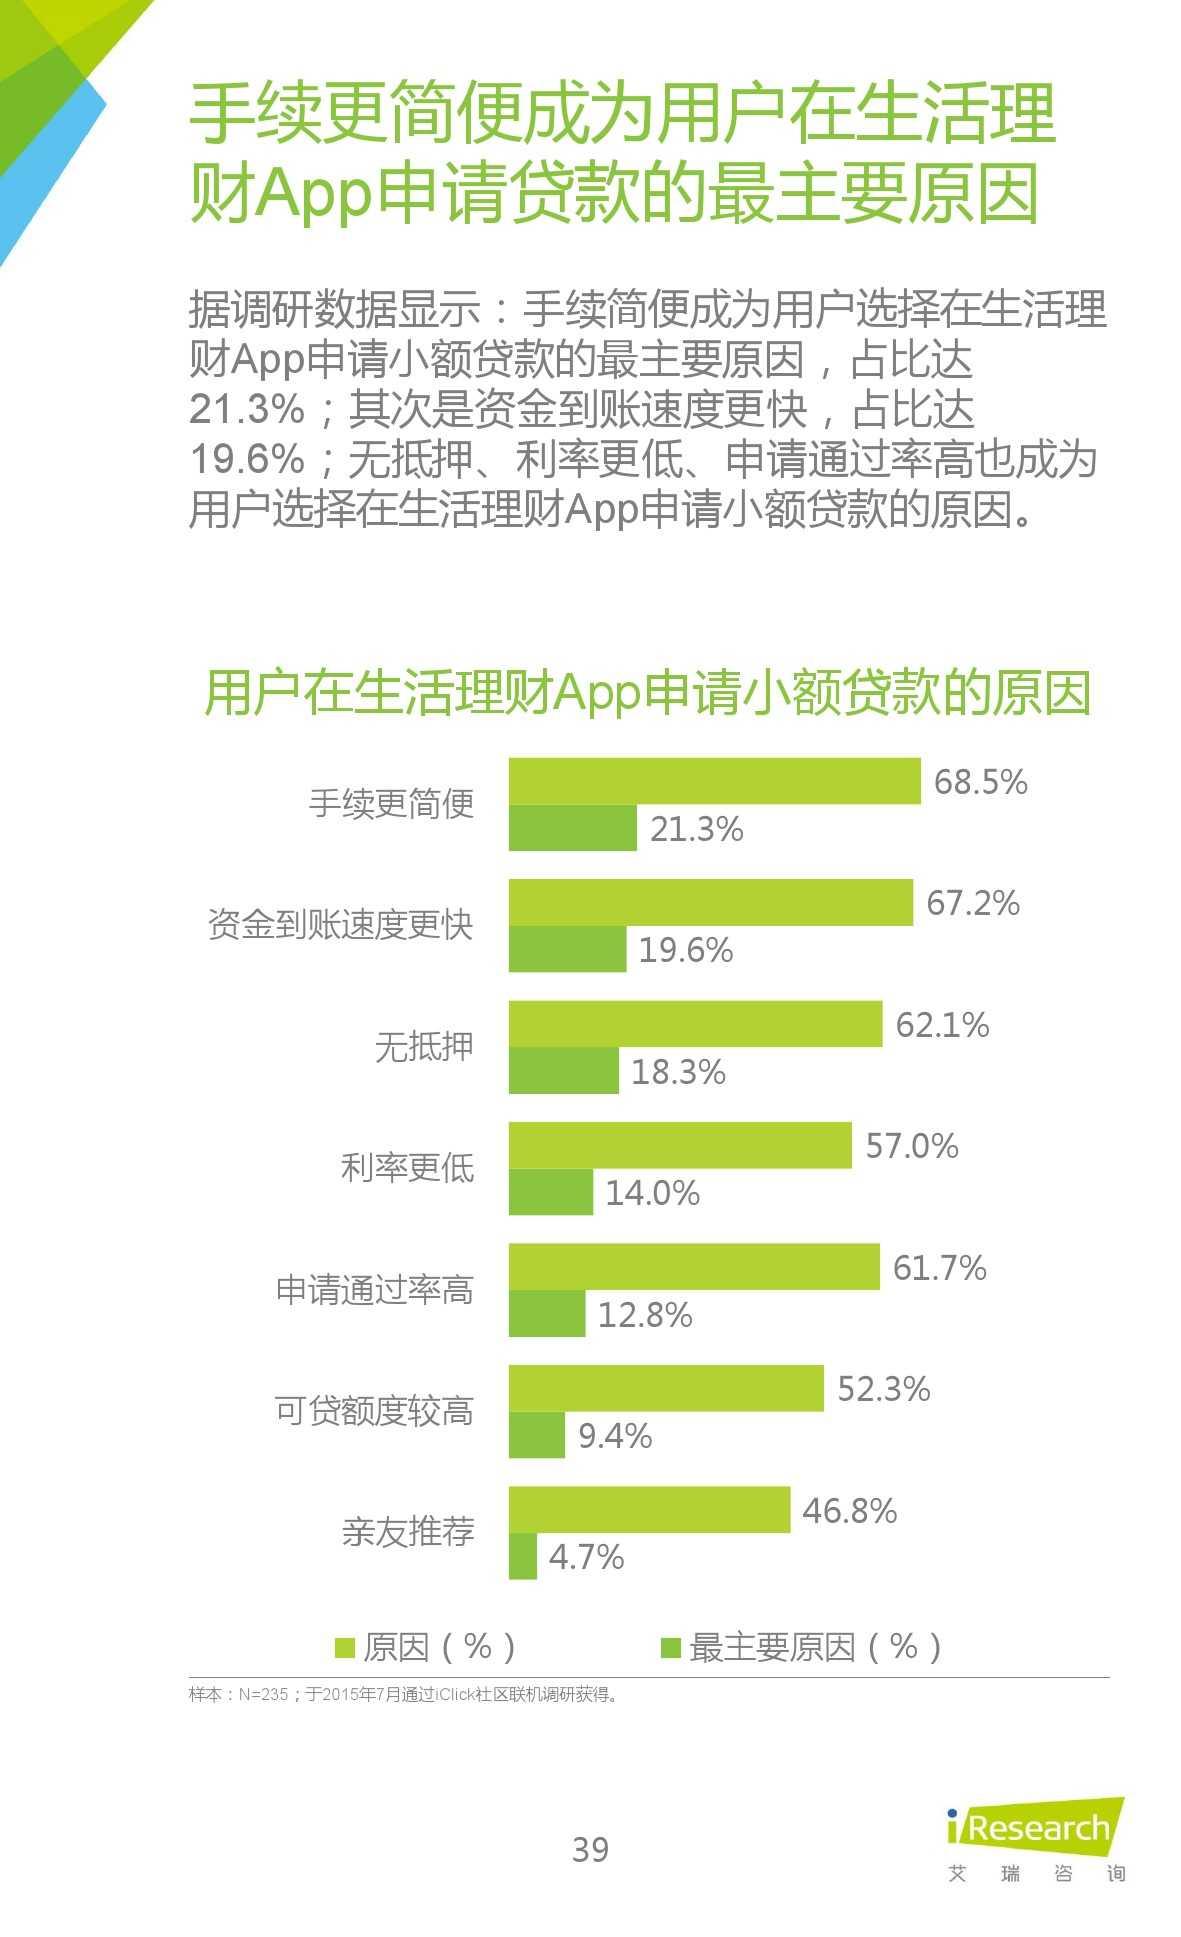 2015年中国生活理财移动App行业研究报告_000039